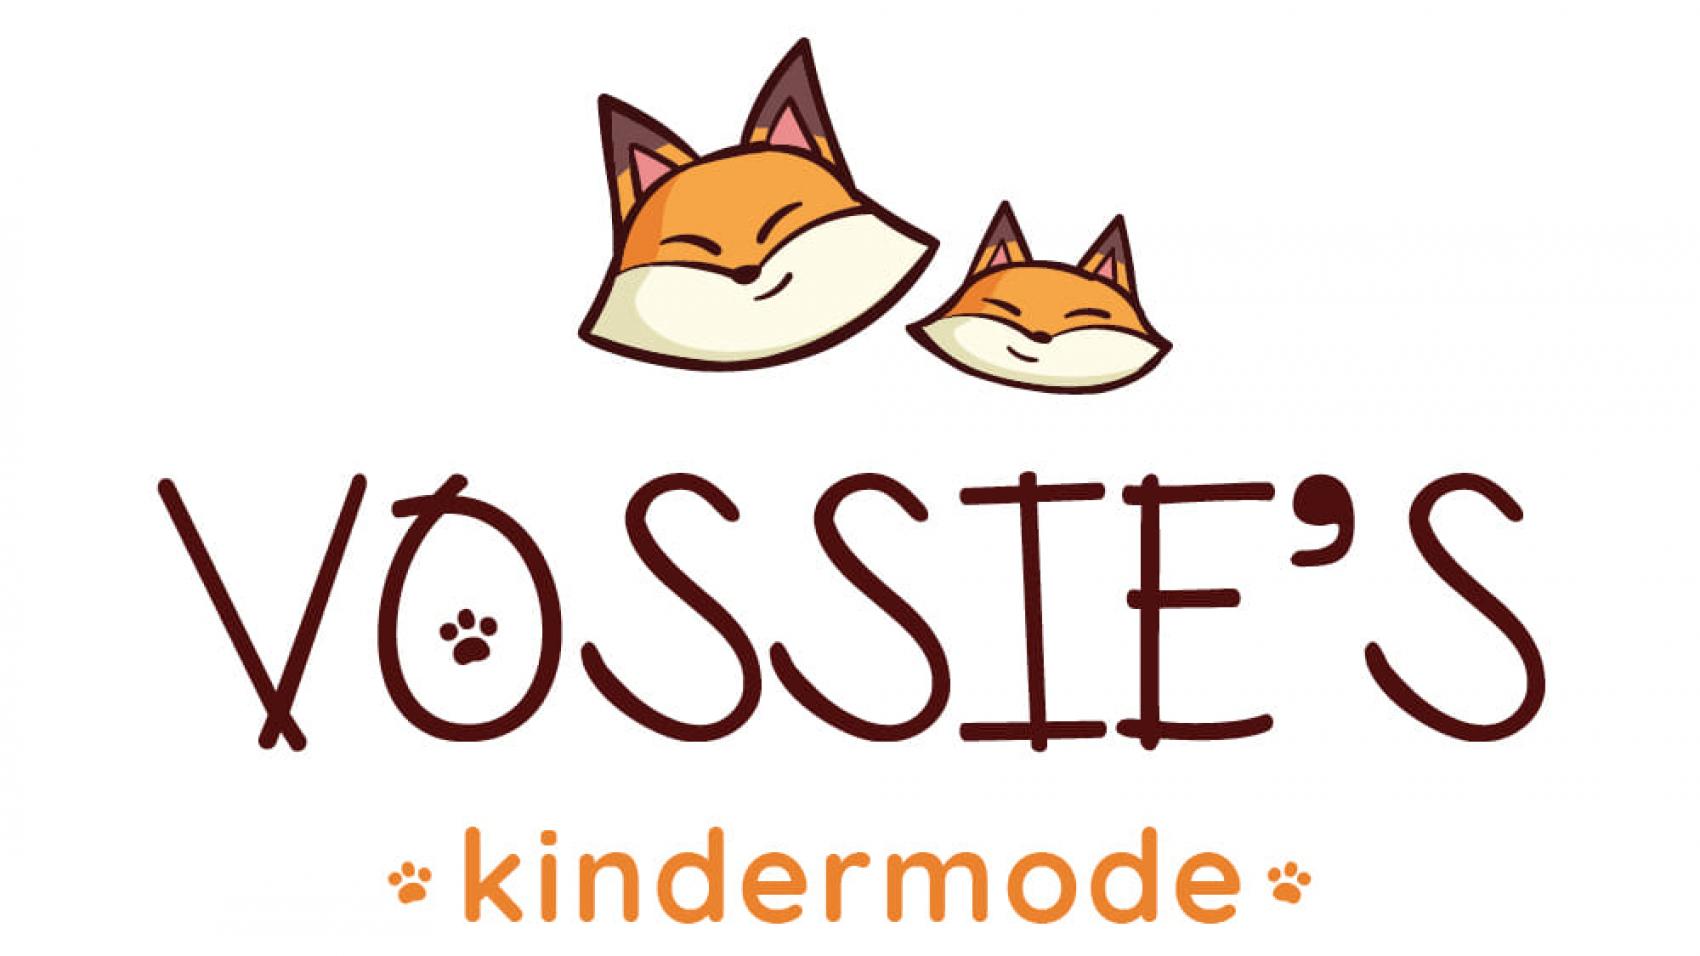 vossieskindermode_logo